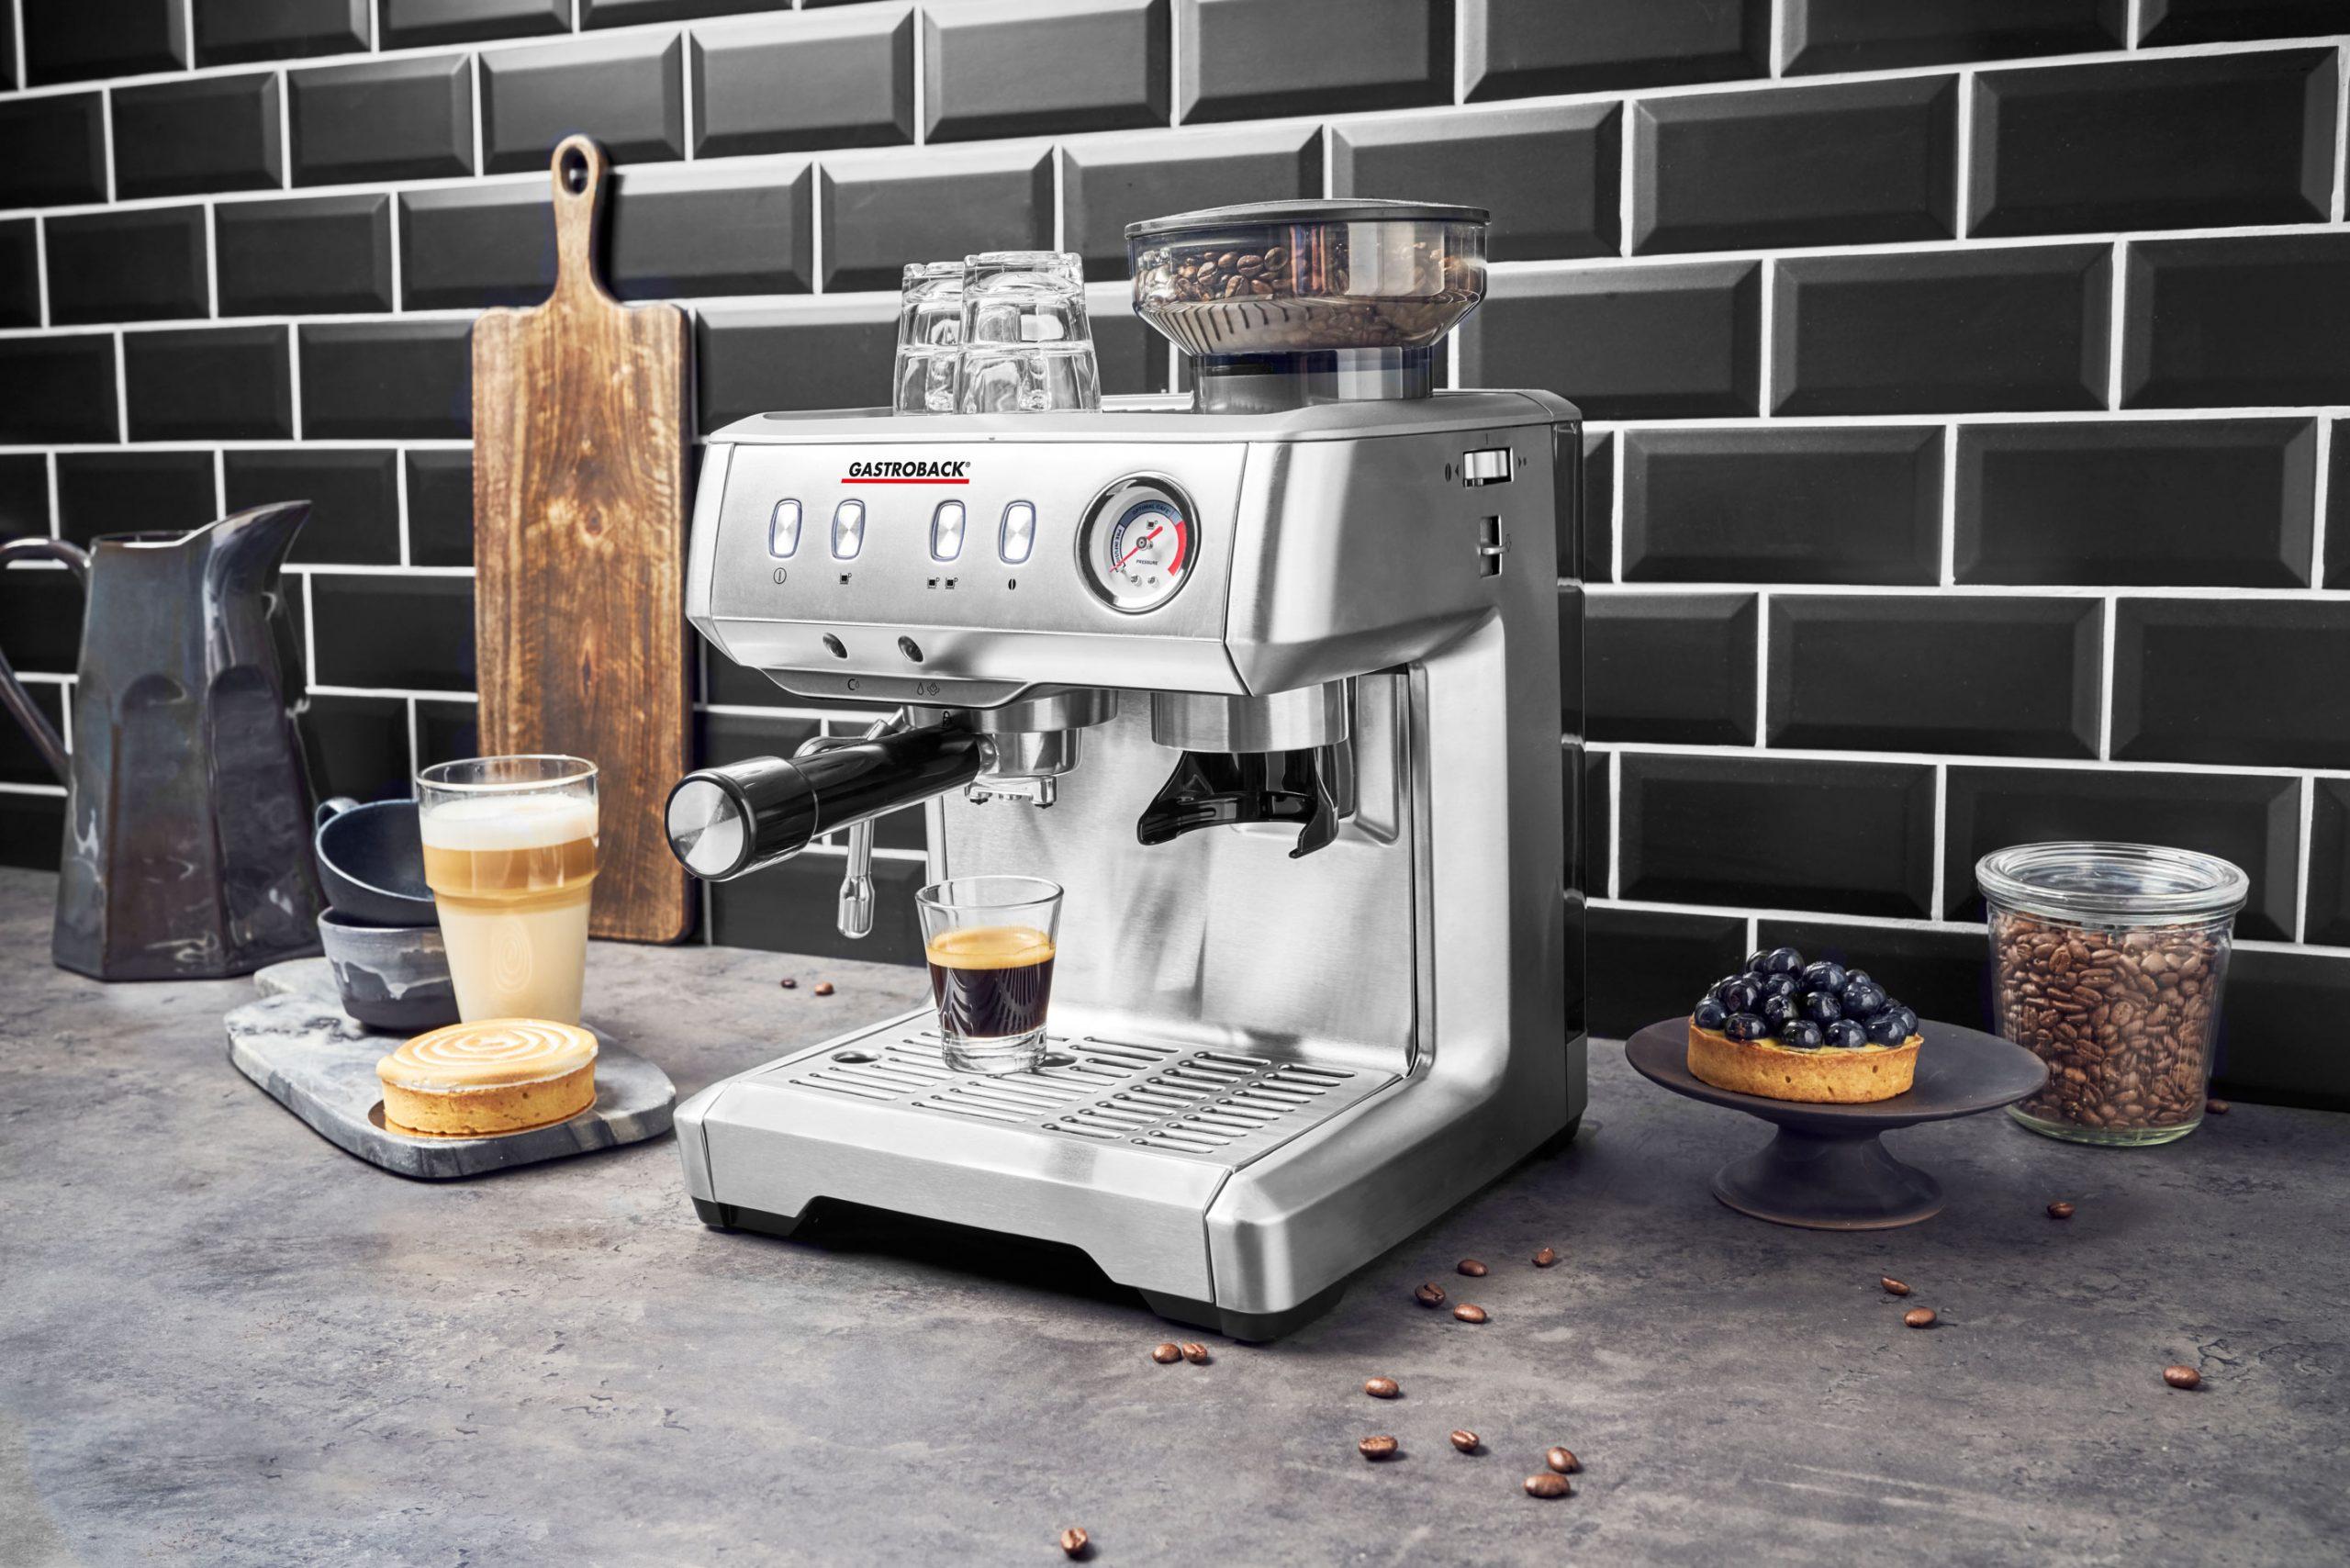 Gastroback Themenspecial Siebträgermaschine Design Espresso Advanced Barista. Foto: Gastroback